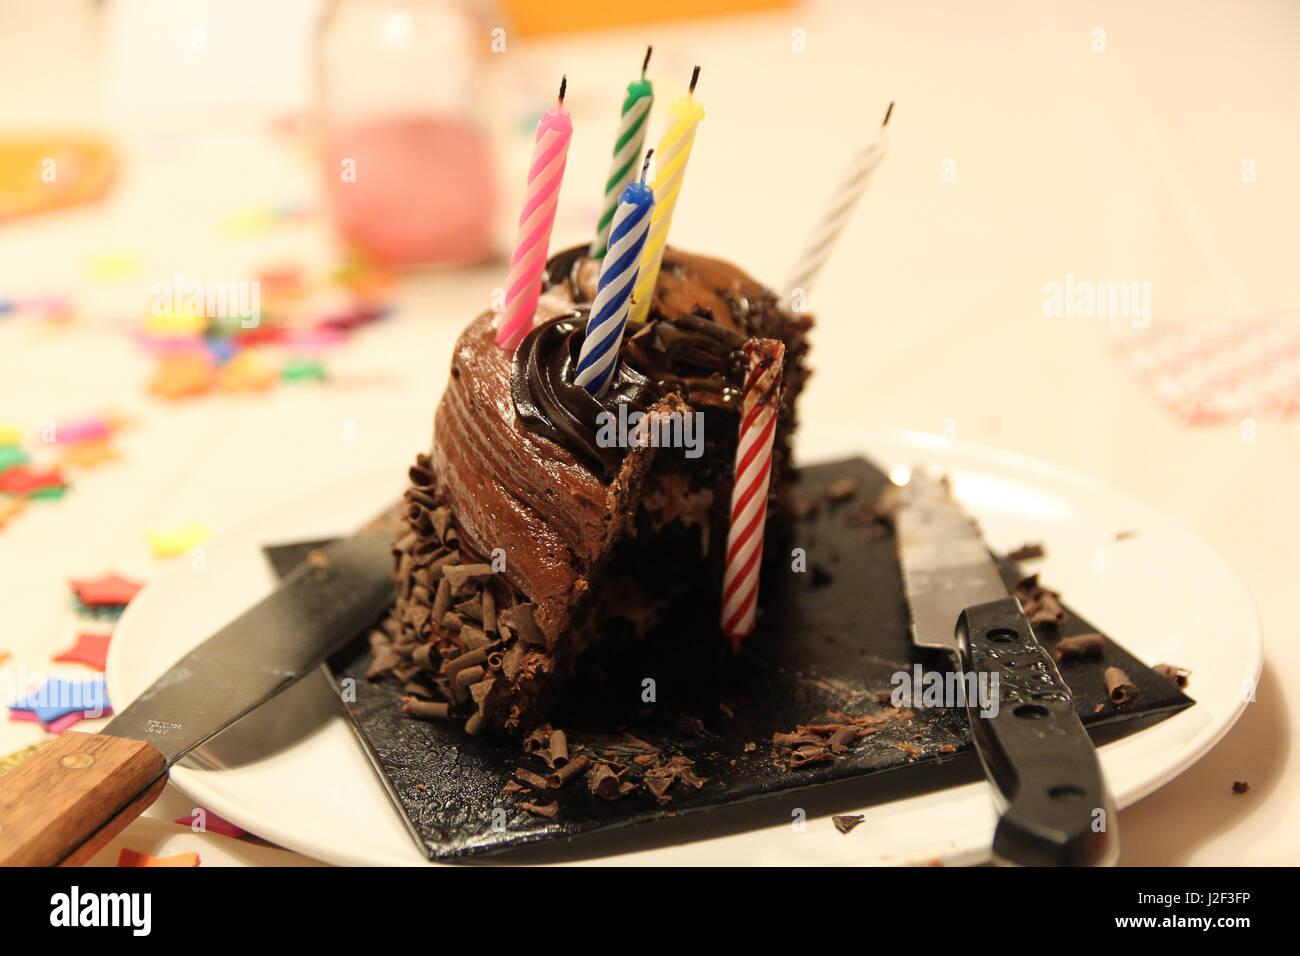 Schokolade Geburtstagskuchen Die After Party Reste Der